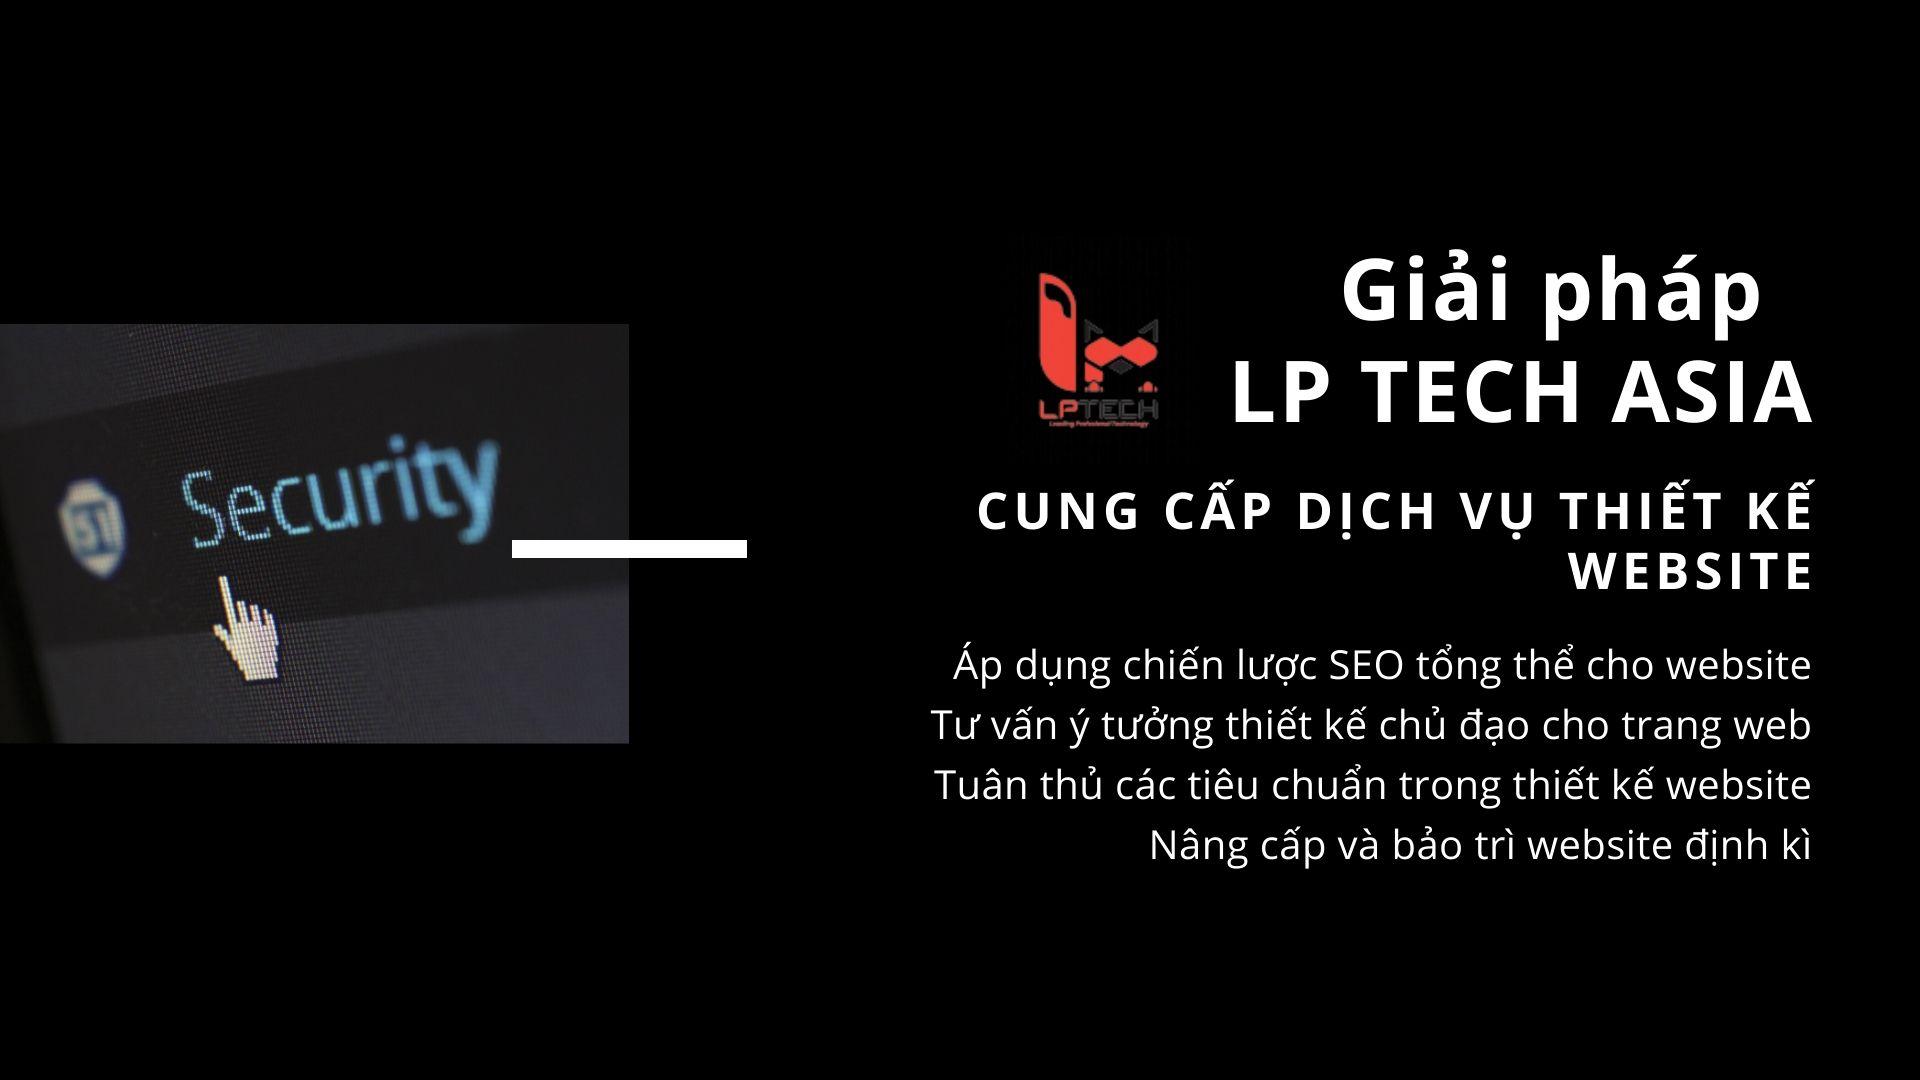 Giải pháp đến từ đơn vị thiết kế website chuyên nghiệp LP Tech Asia về lĩnh vực thám tử an ninh bảo vệ